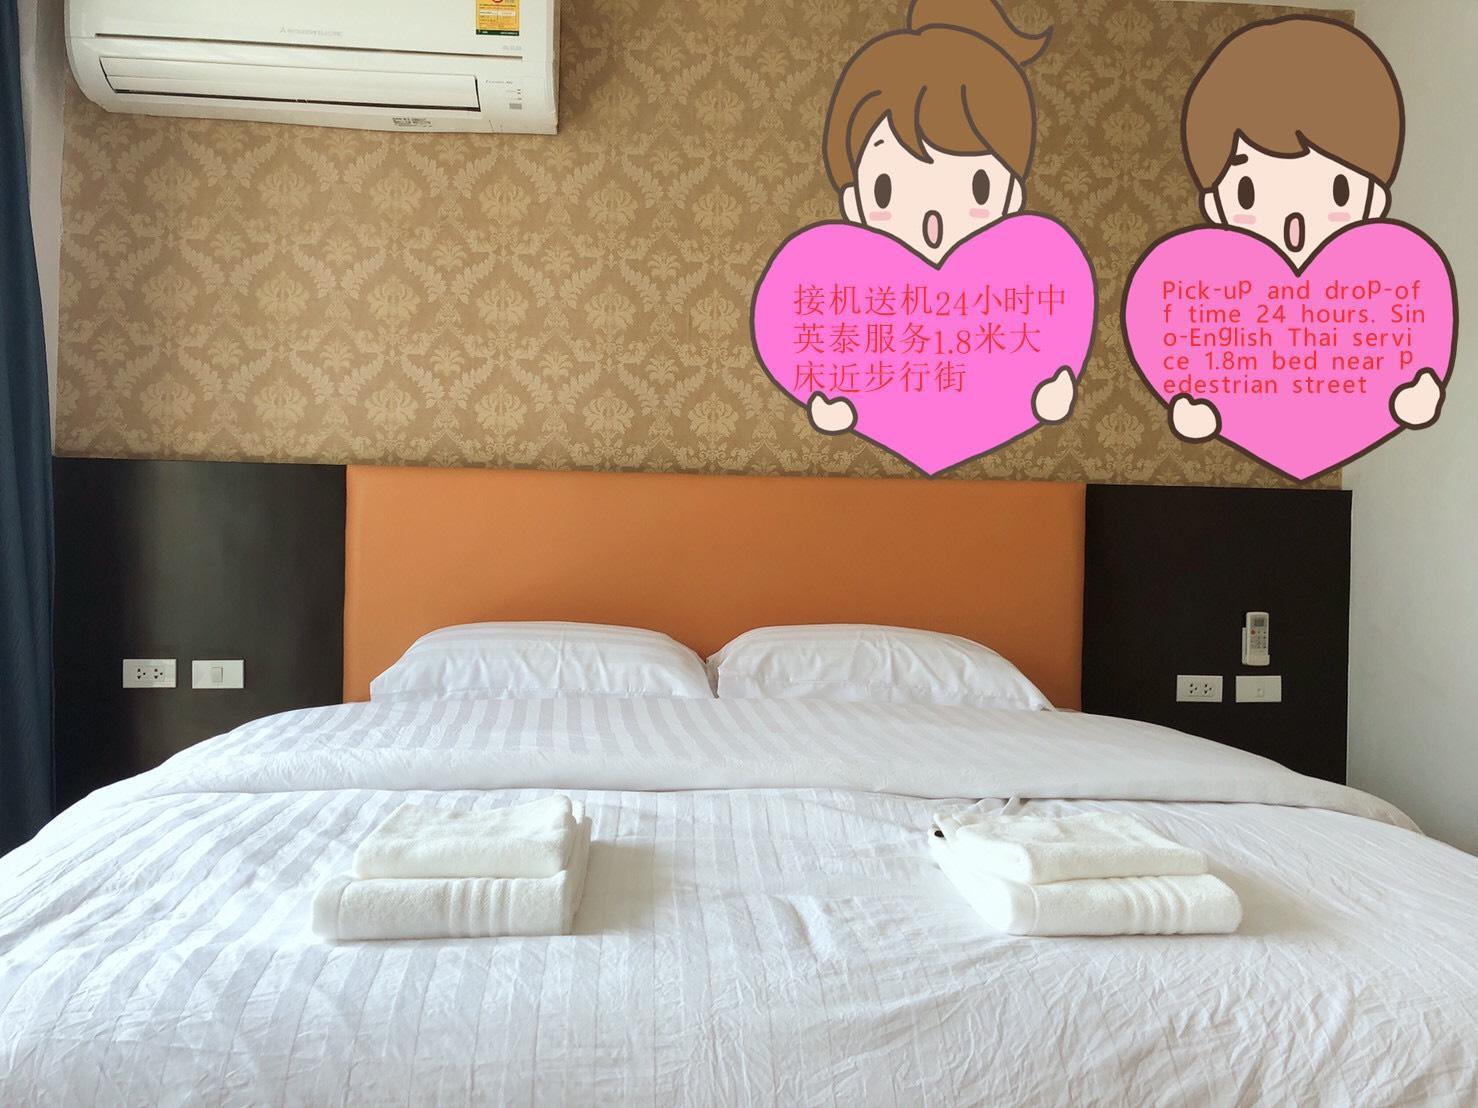 HW  1.8m Large Bed Room 36m2 Large Room 5